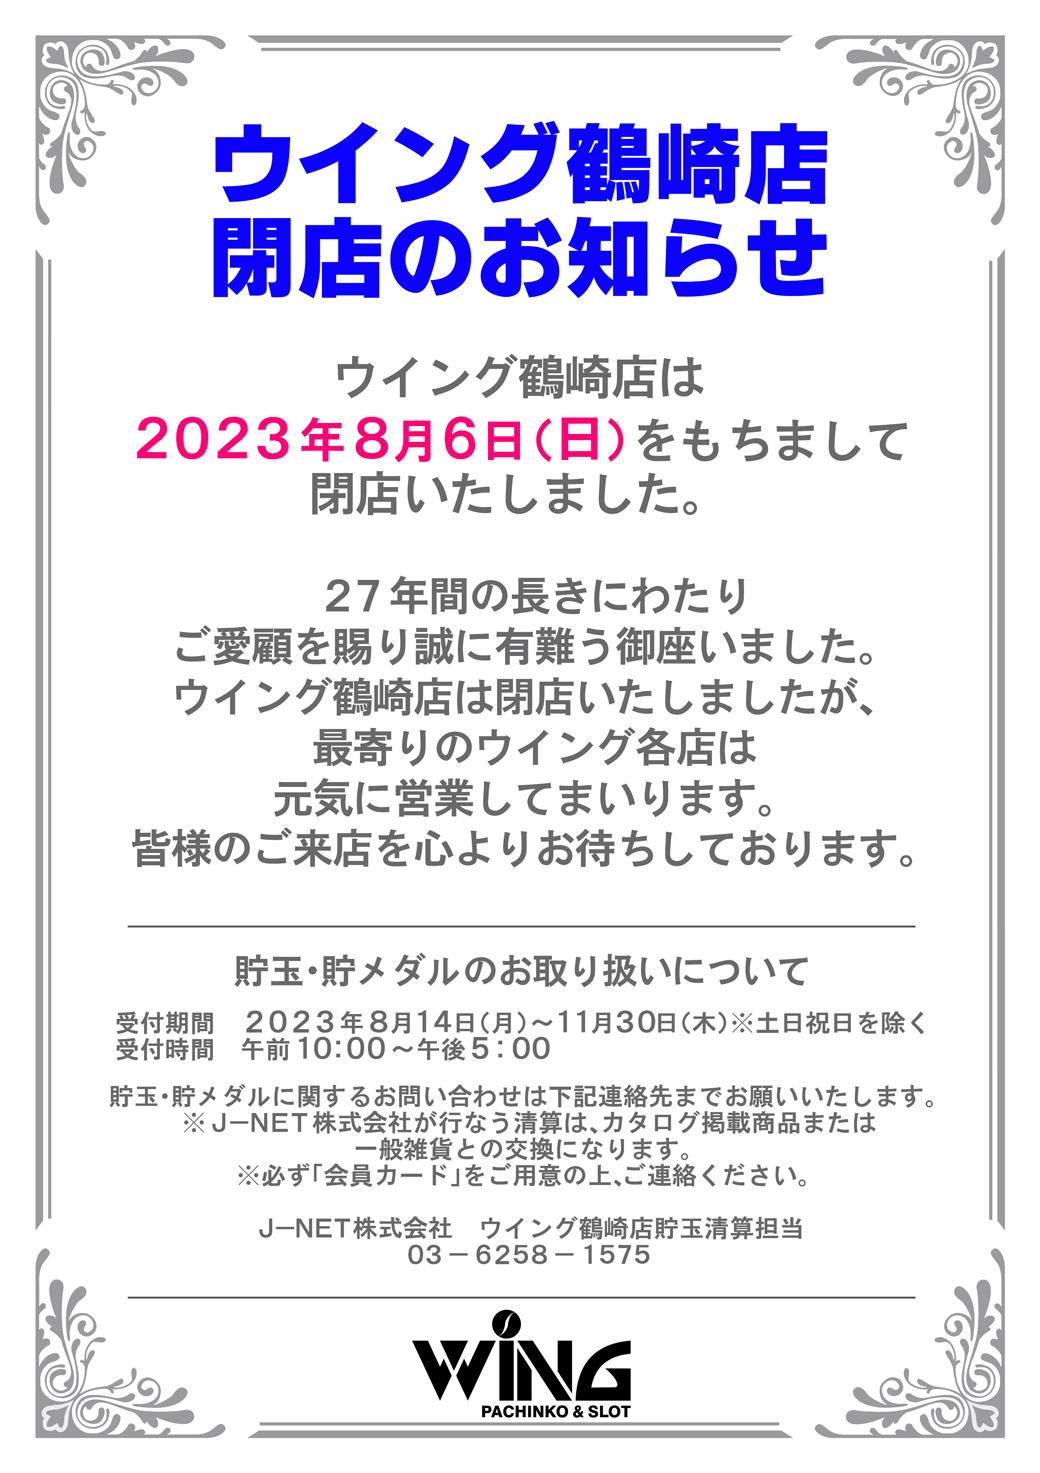 11/16(土)〜18(月)3日間連続屋台来店!!